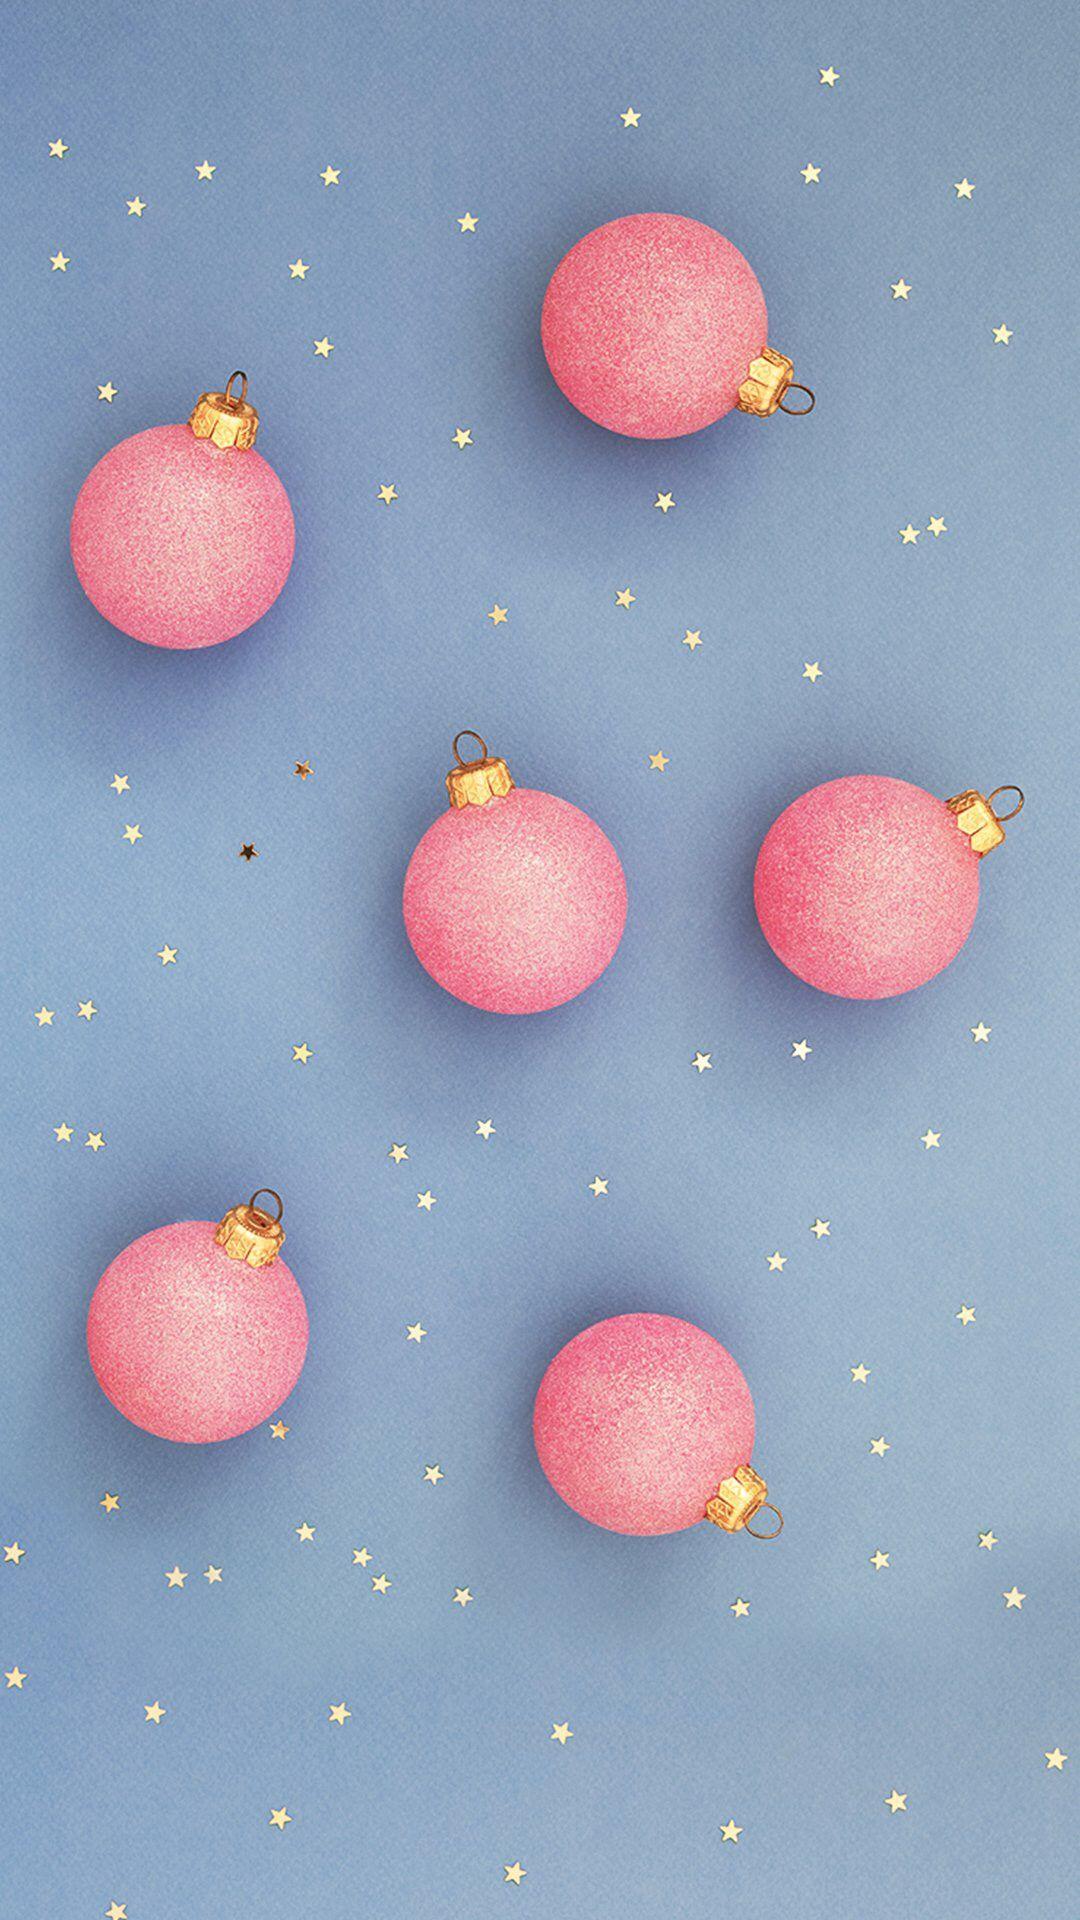 pink lavender baby blue ornaments wallpaper gold. Black Bedroom Furniture Sets. Home Design Ideas